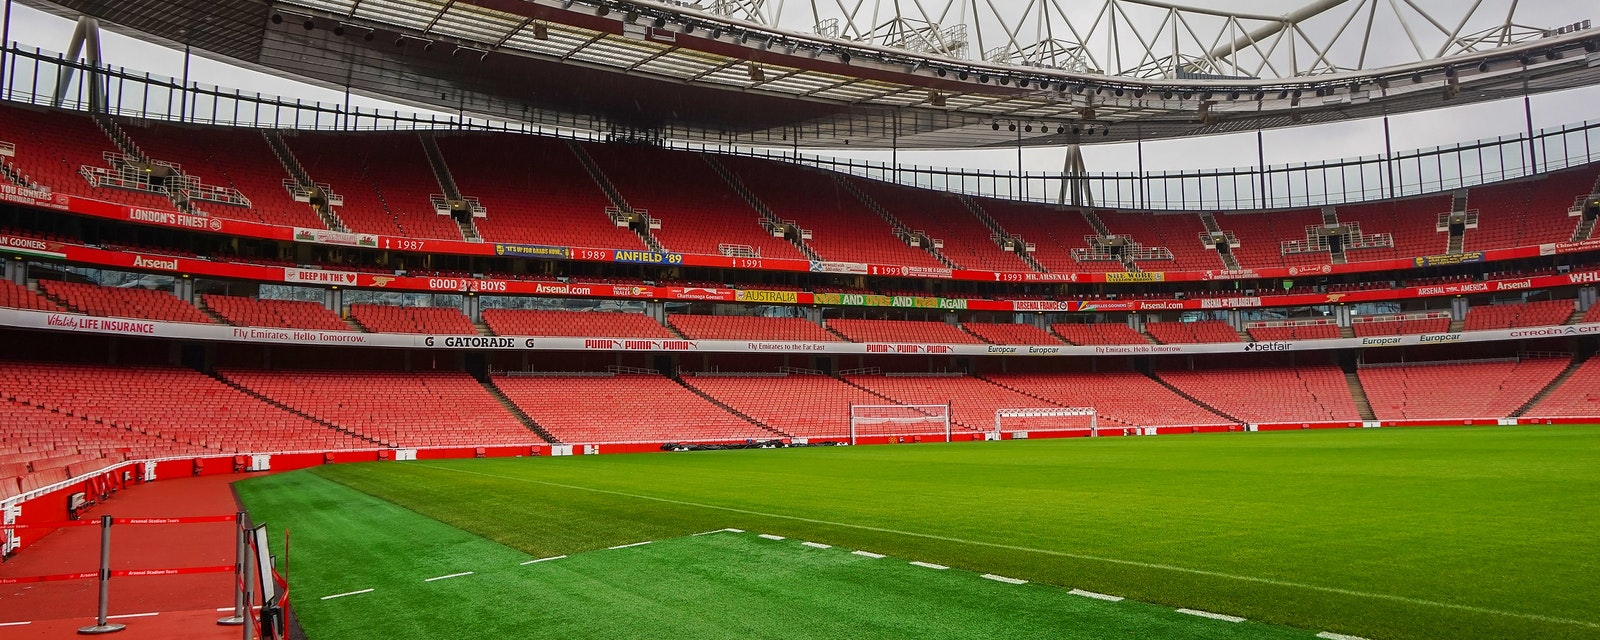 London,-,Uk,,February,2017:,Arsenal,Emirates,Stadium,With,A